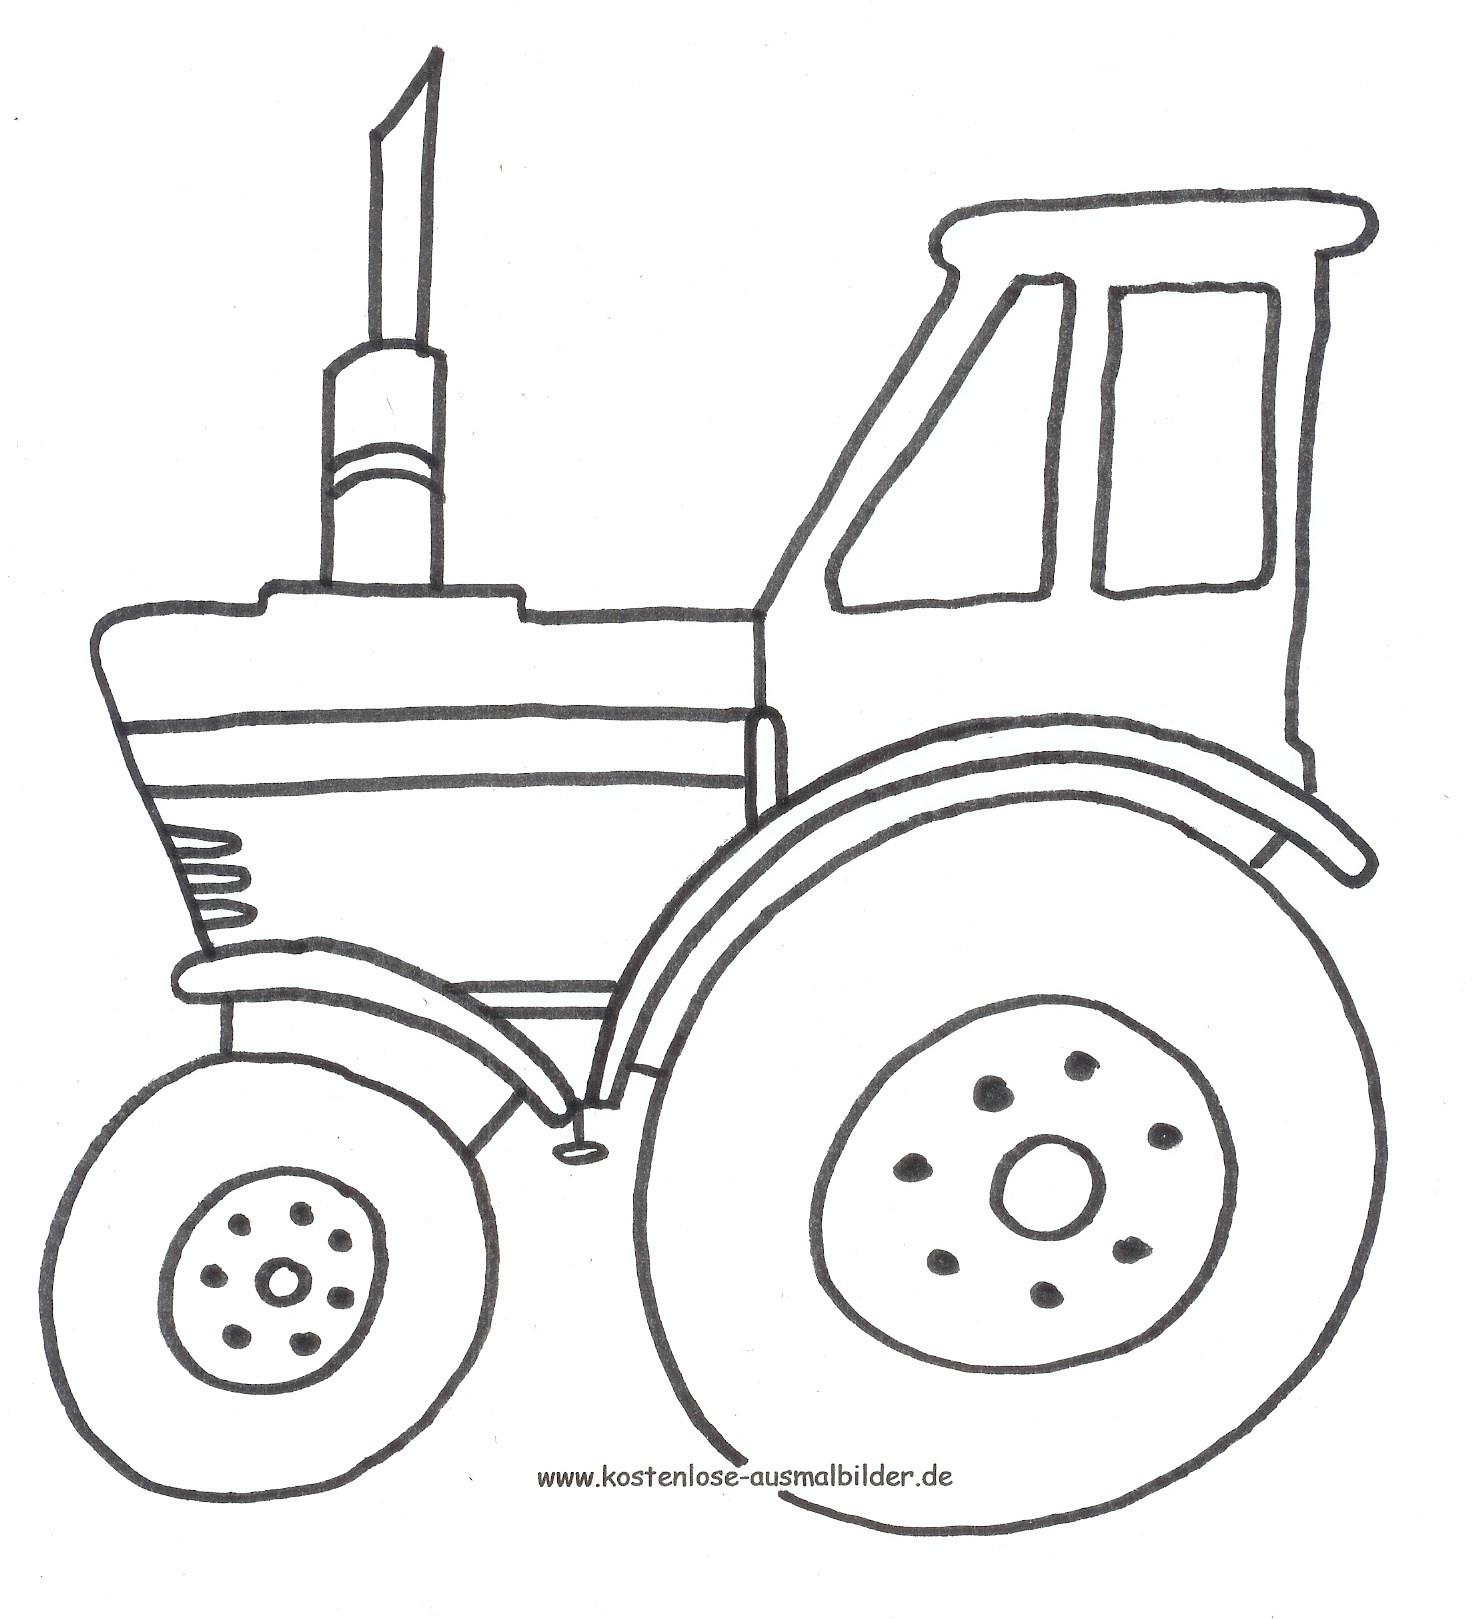 Ausmalbilder Traktor Mit Pflug Neu Ausmalbilder Traktor Fendt Kostenlos Malvorlagen Zum Ausdrucken Bei Fotos